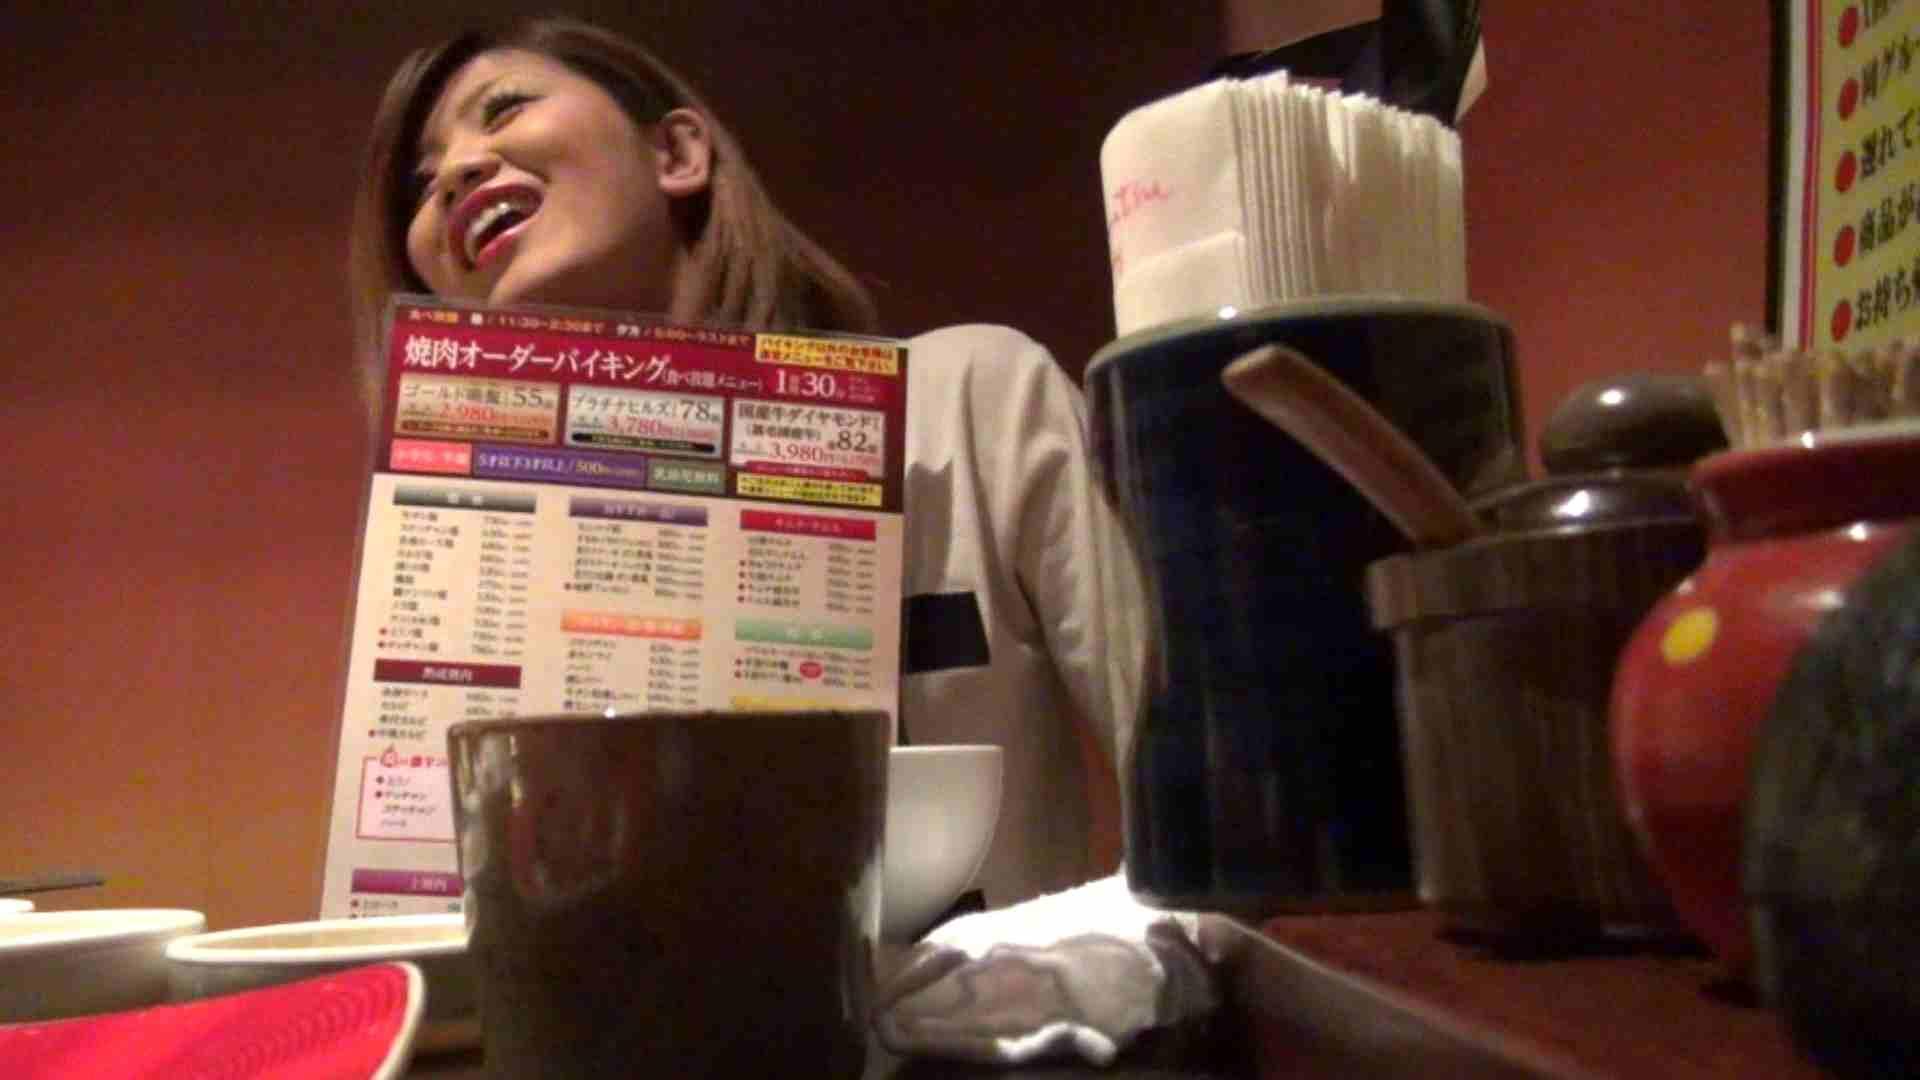 【出会い01】大助さんMちゃんと食事会 0 | 友人  53連発 10